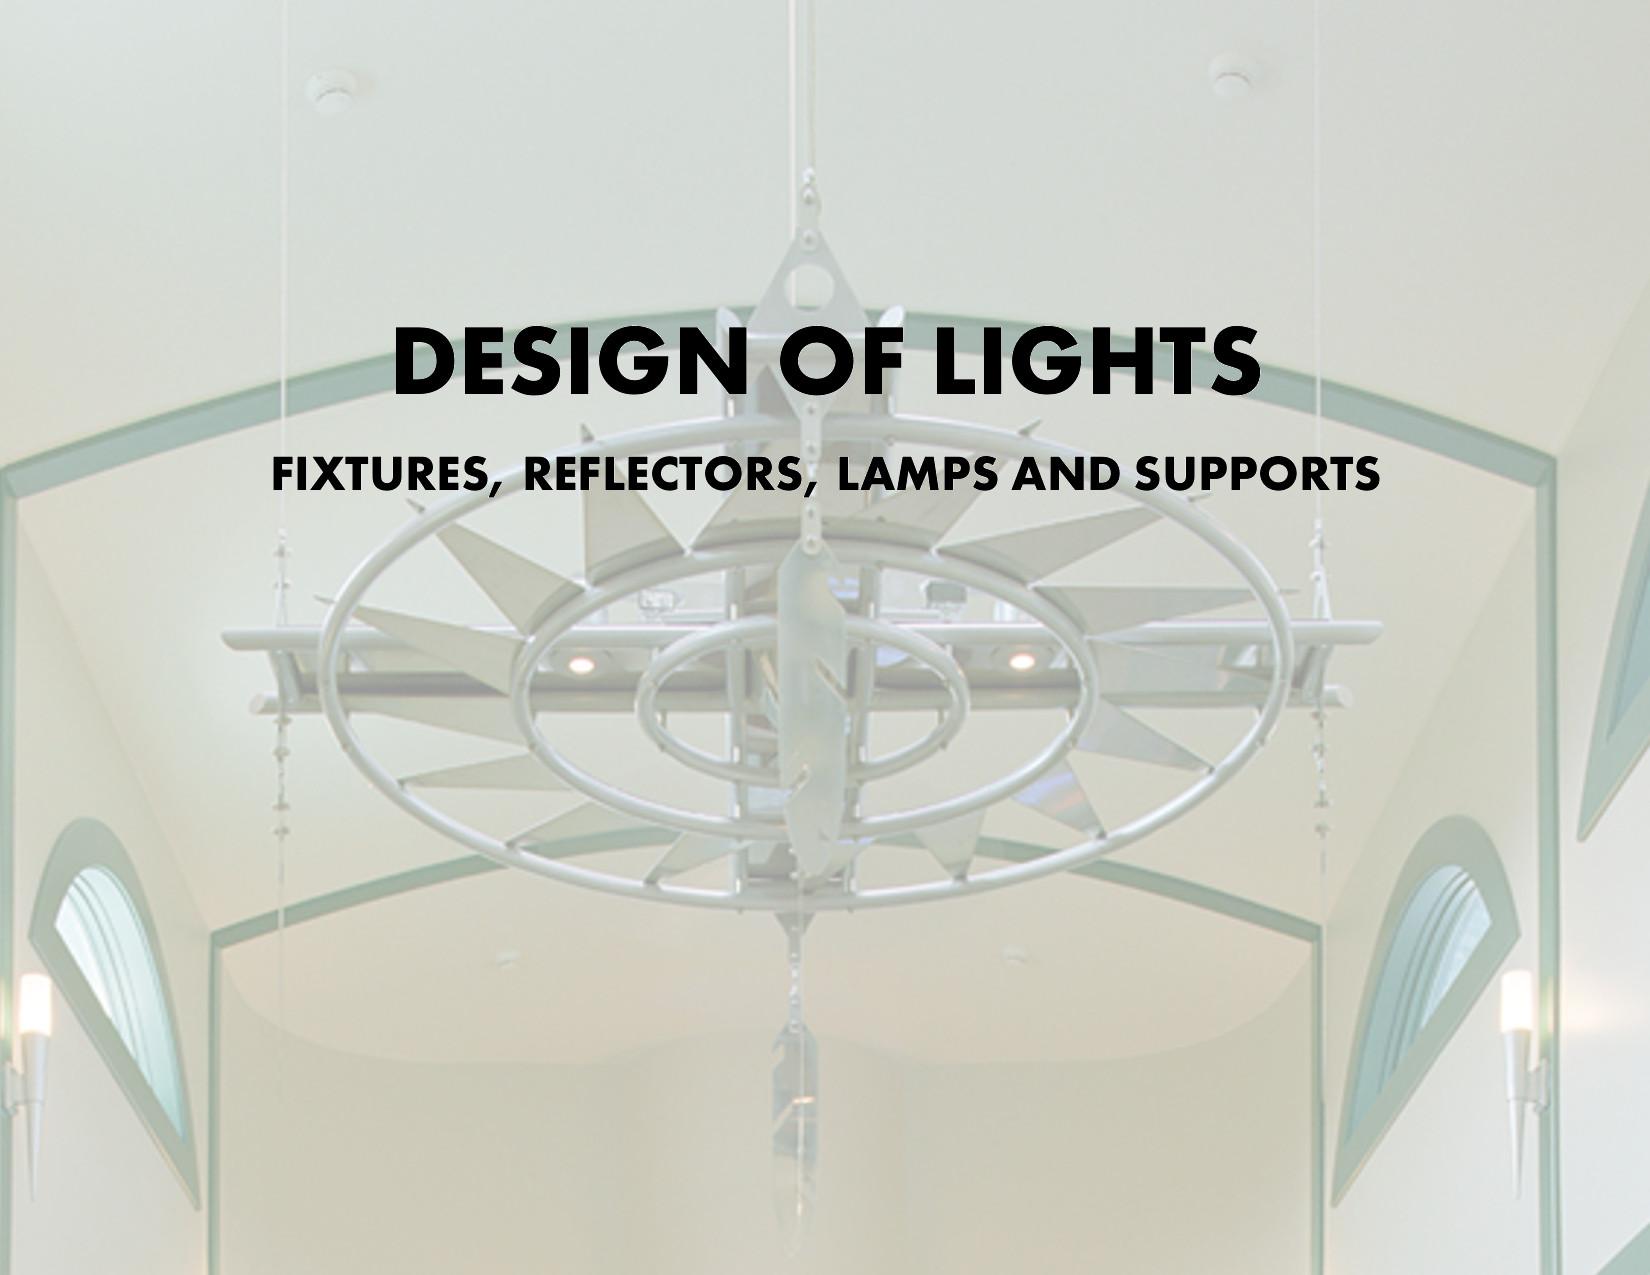 Design of Lights